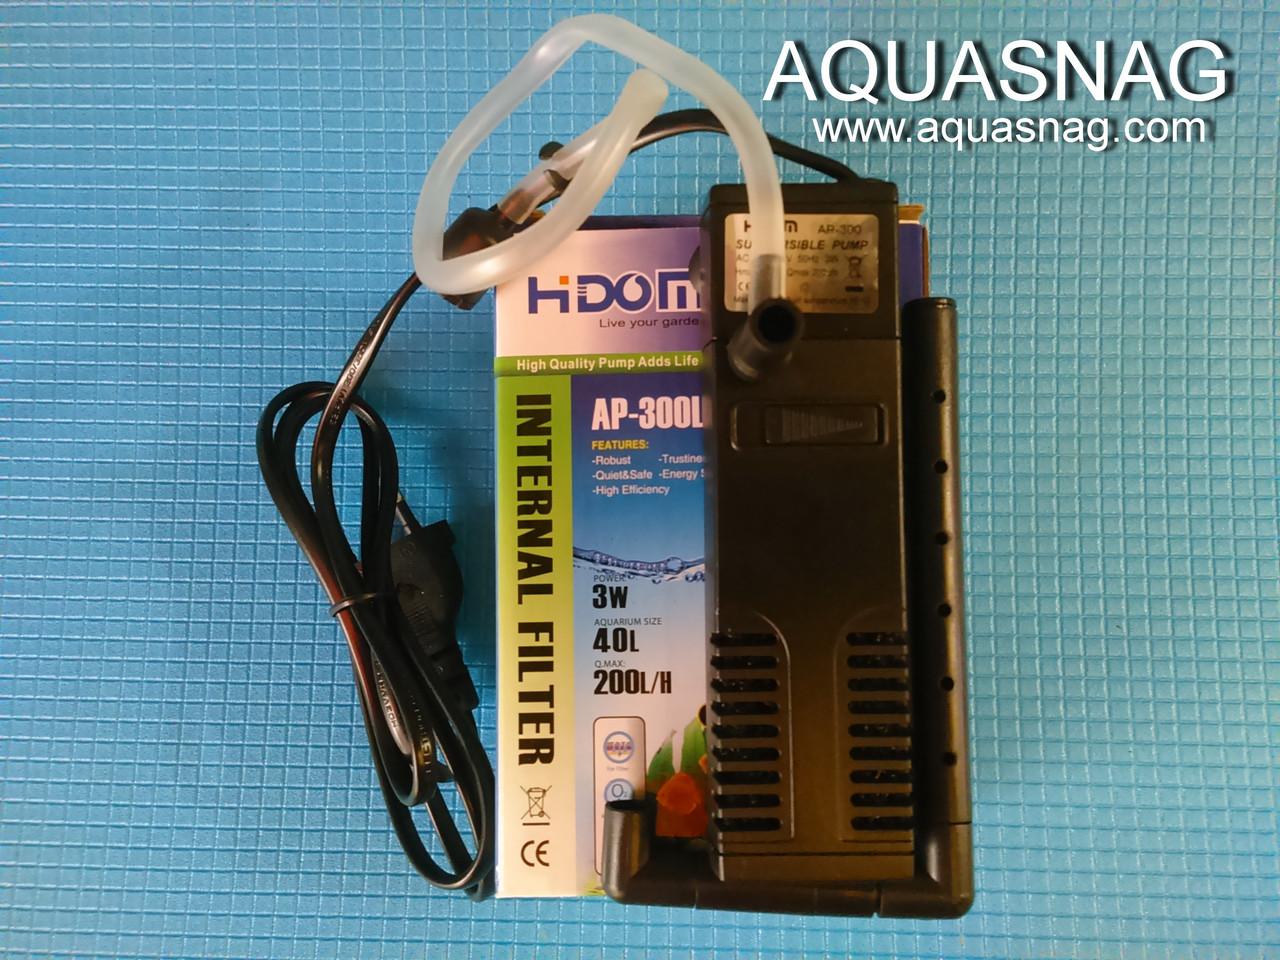 """Внутренний фильтр HIDOM AP-300L, до 40л, 200л/ч, 3W, с регулировкой мощности - """"AQUASNAG"""" Оптово-розничный интернет магазин в Харькове"""